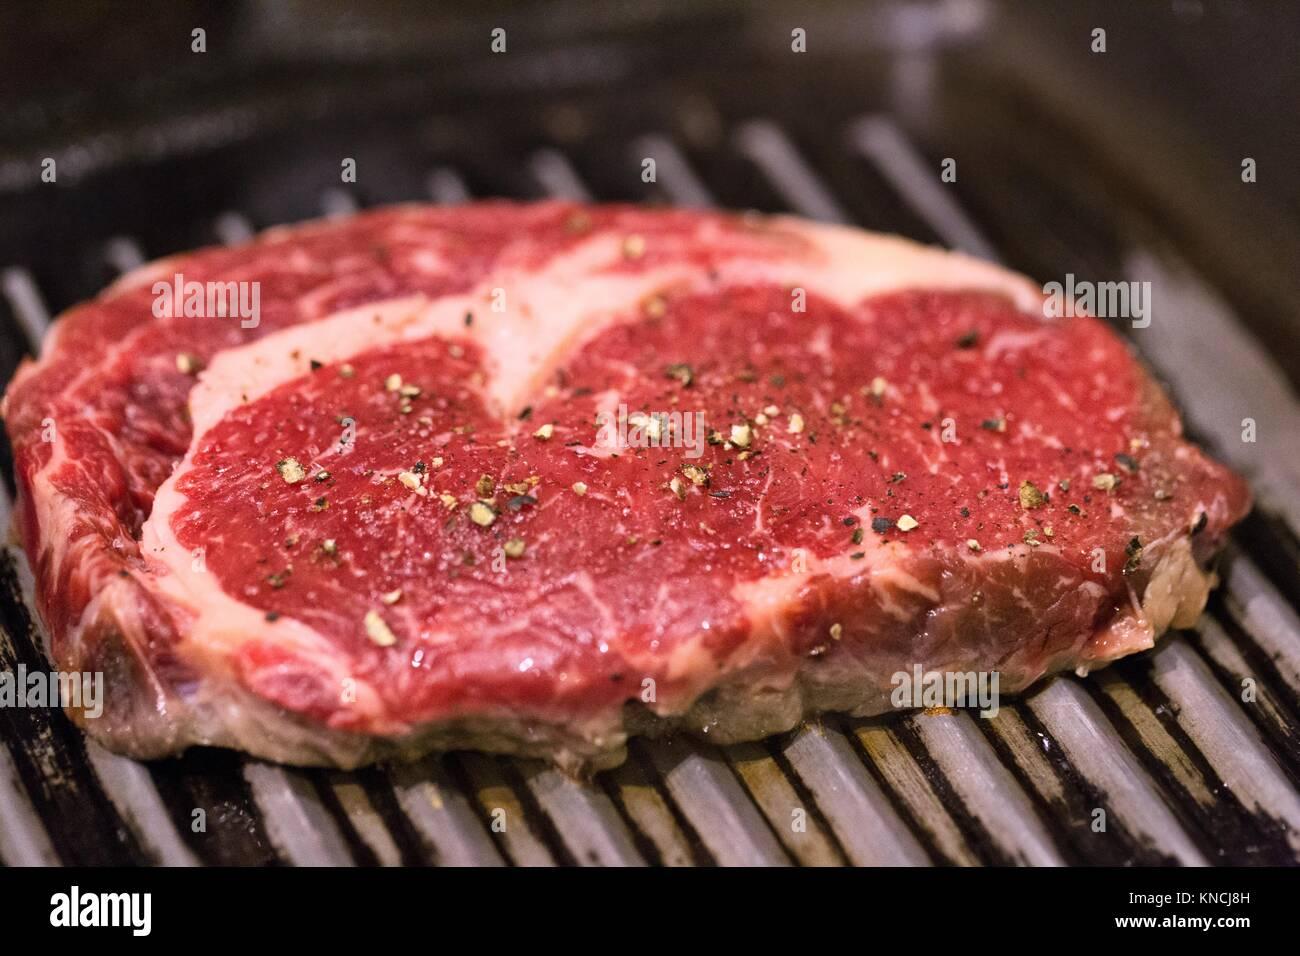 how to cook top rump steak